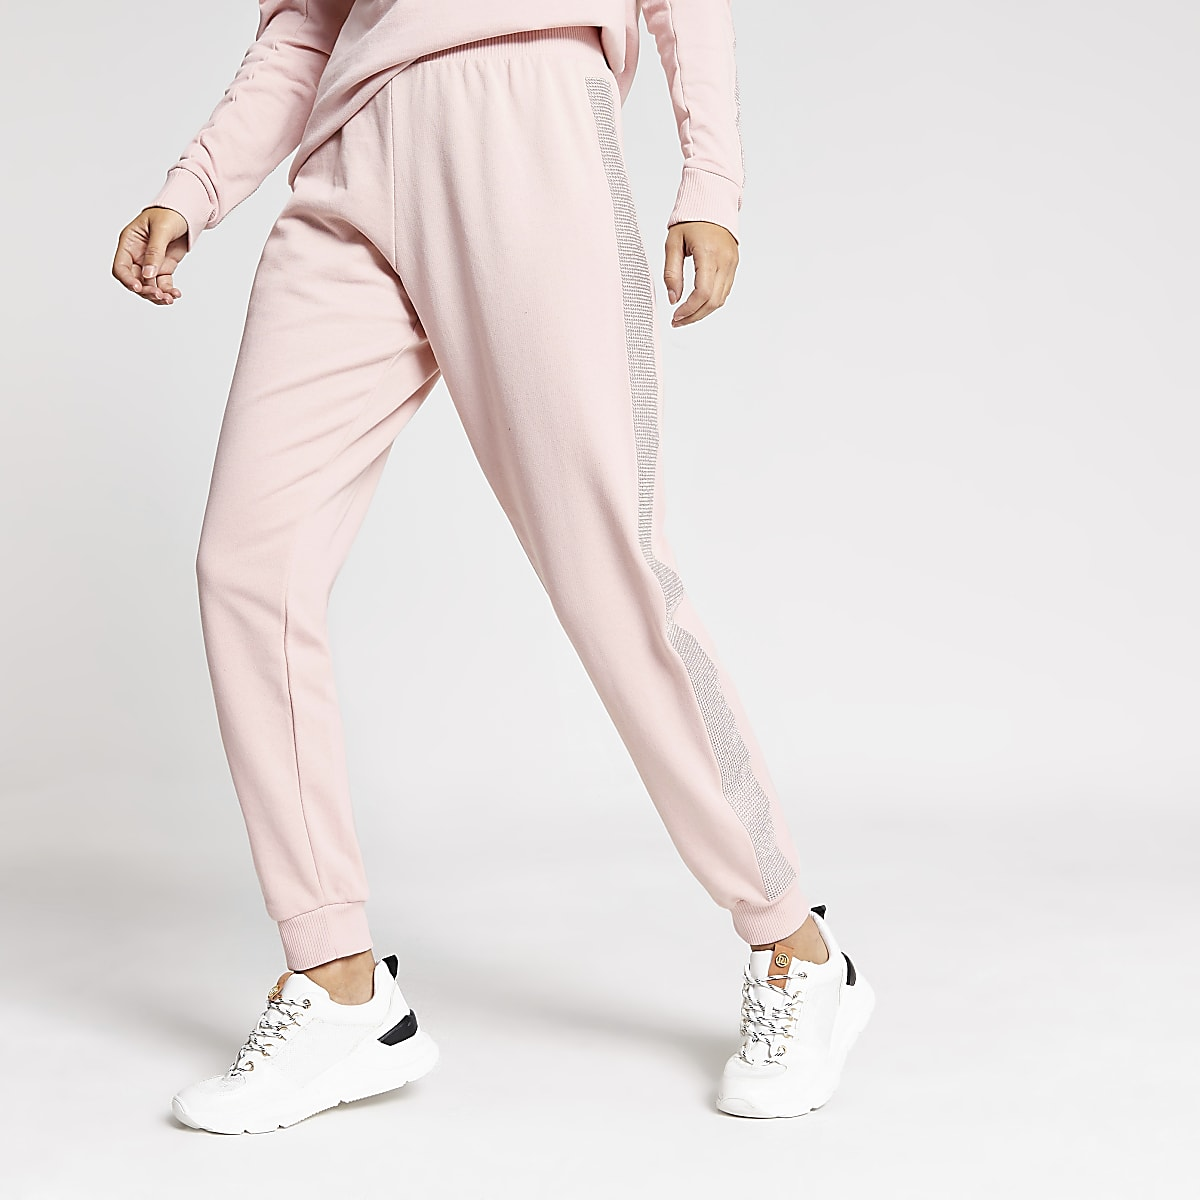 Roze joggingbroek verfraaid met siersteentjes